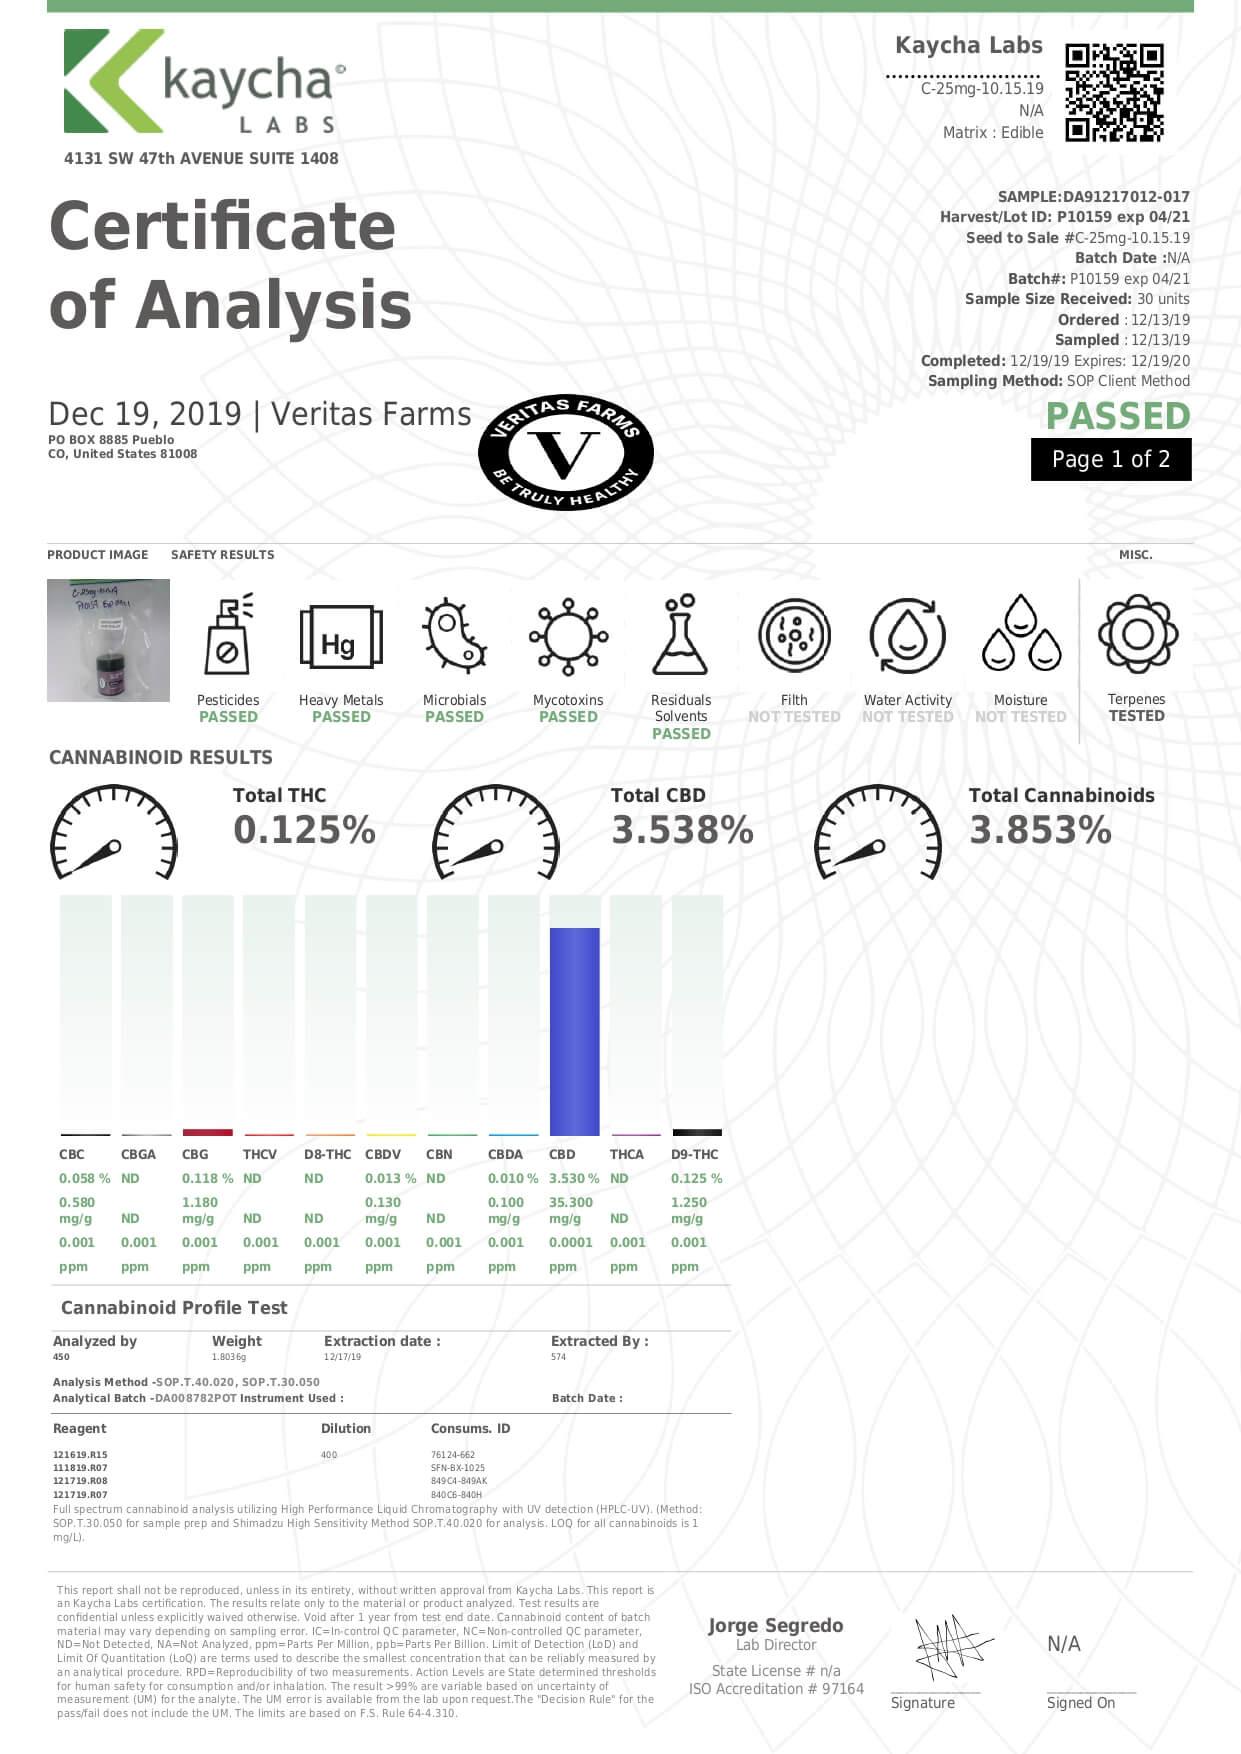 Veritas Farms CBD Capsule Full Spectrum Capsules 25mg Lab Report